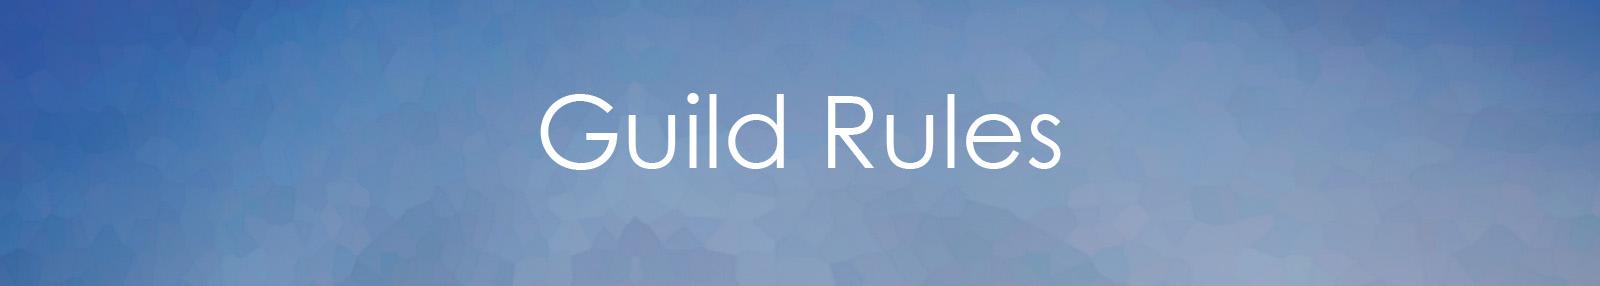 header_image_guildrules